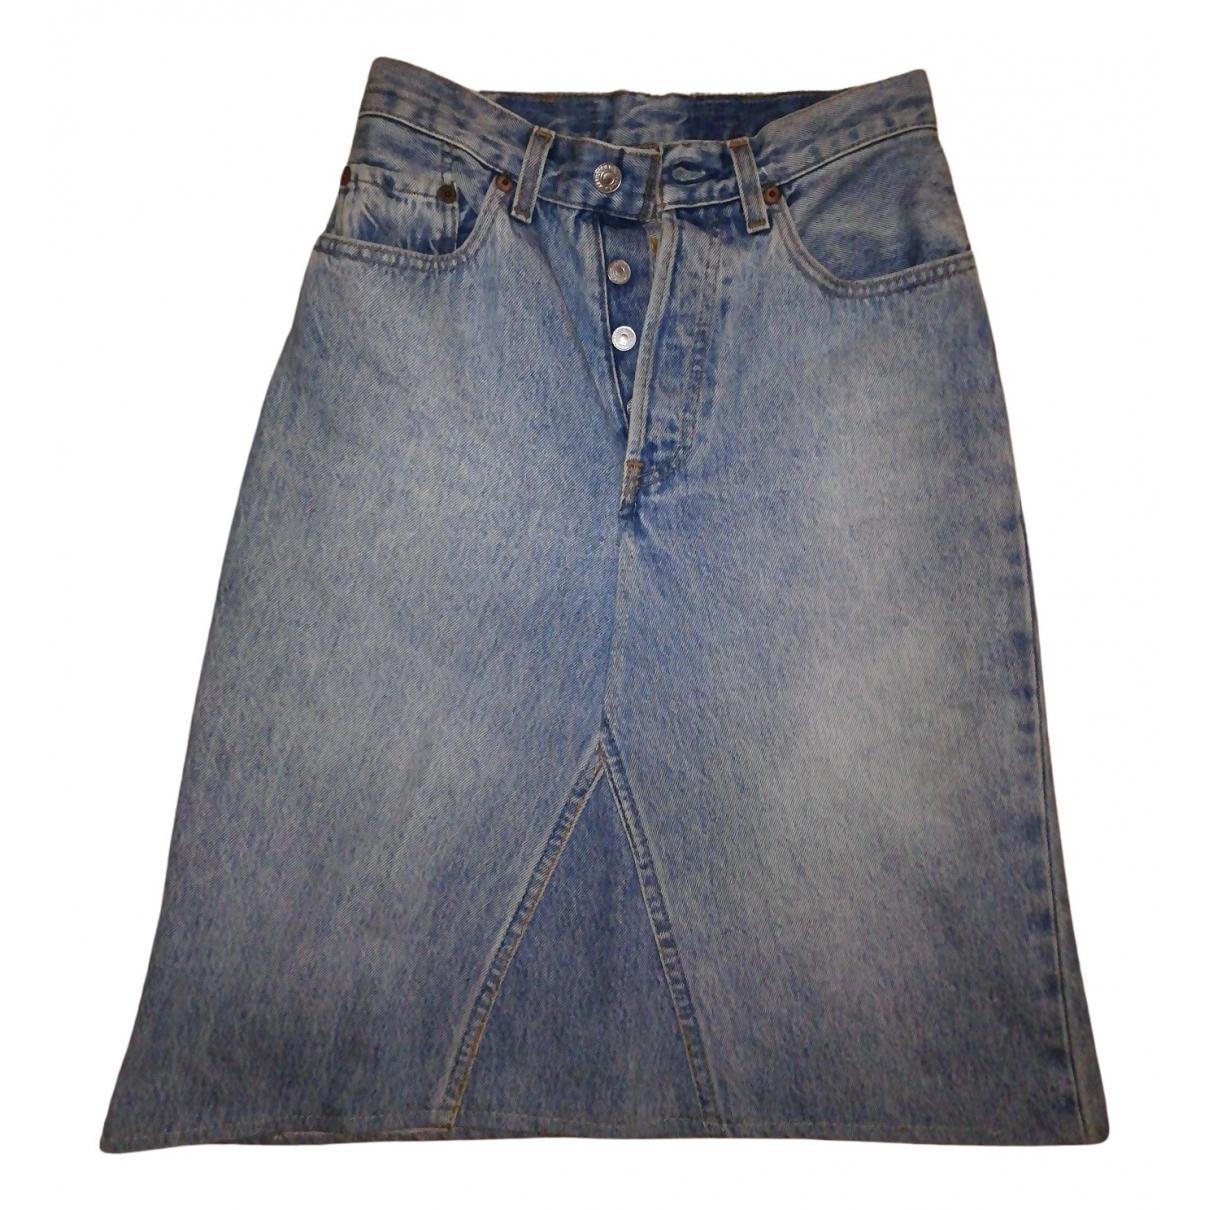 Levi's \N Blue Denim - Jeans skirt for Women S International